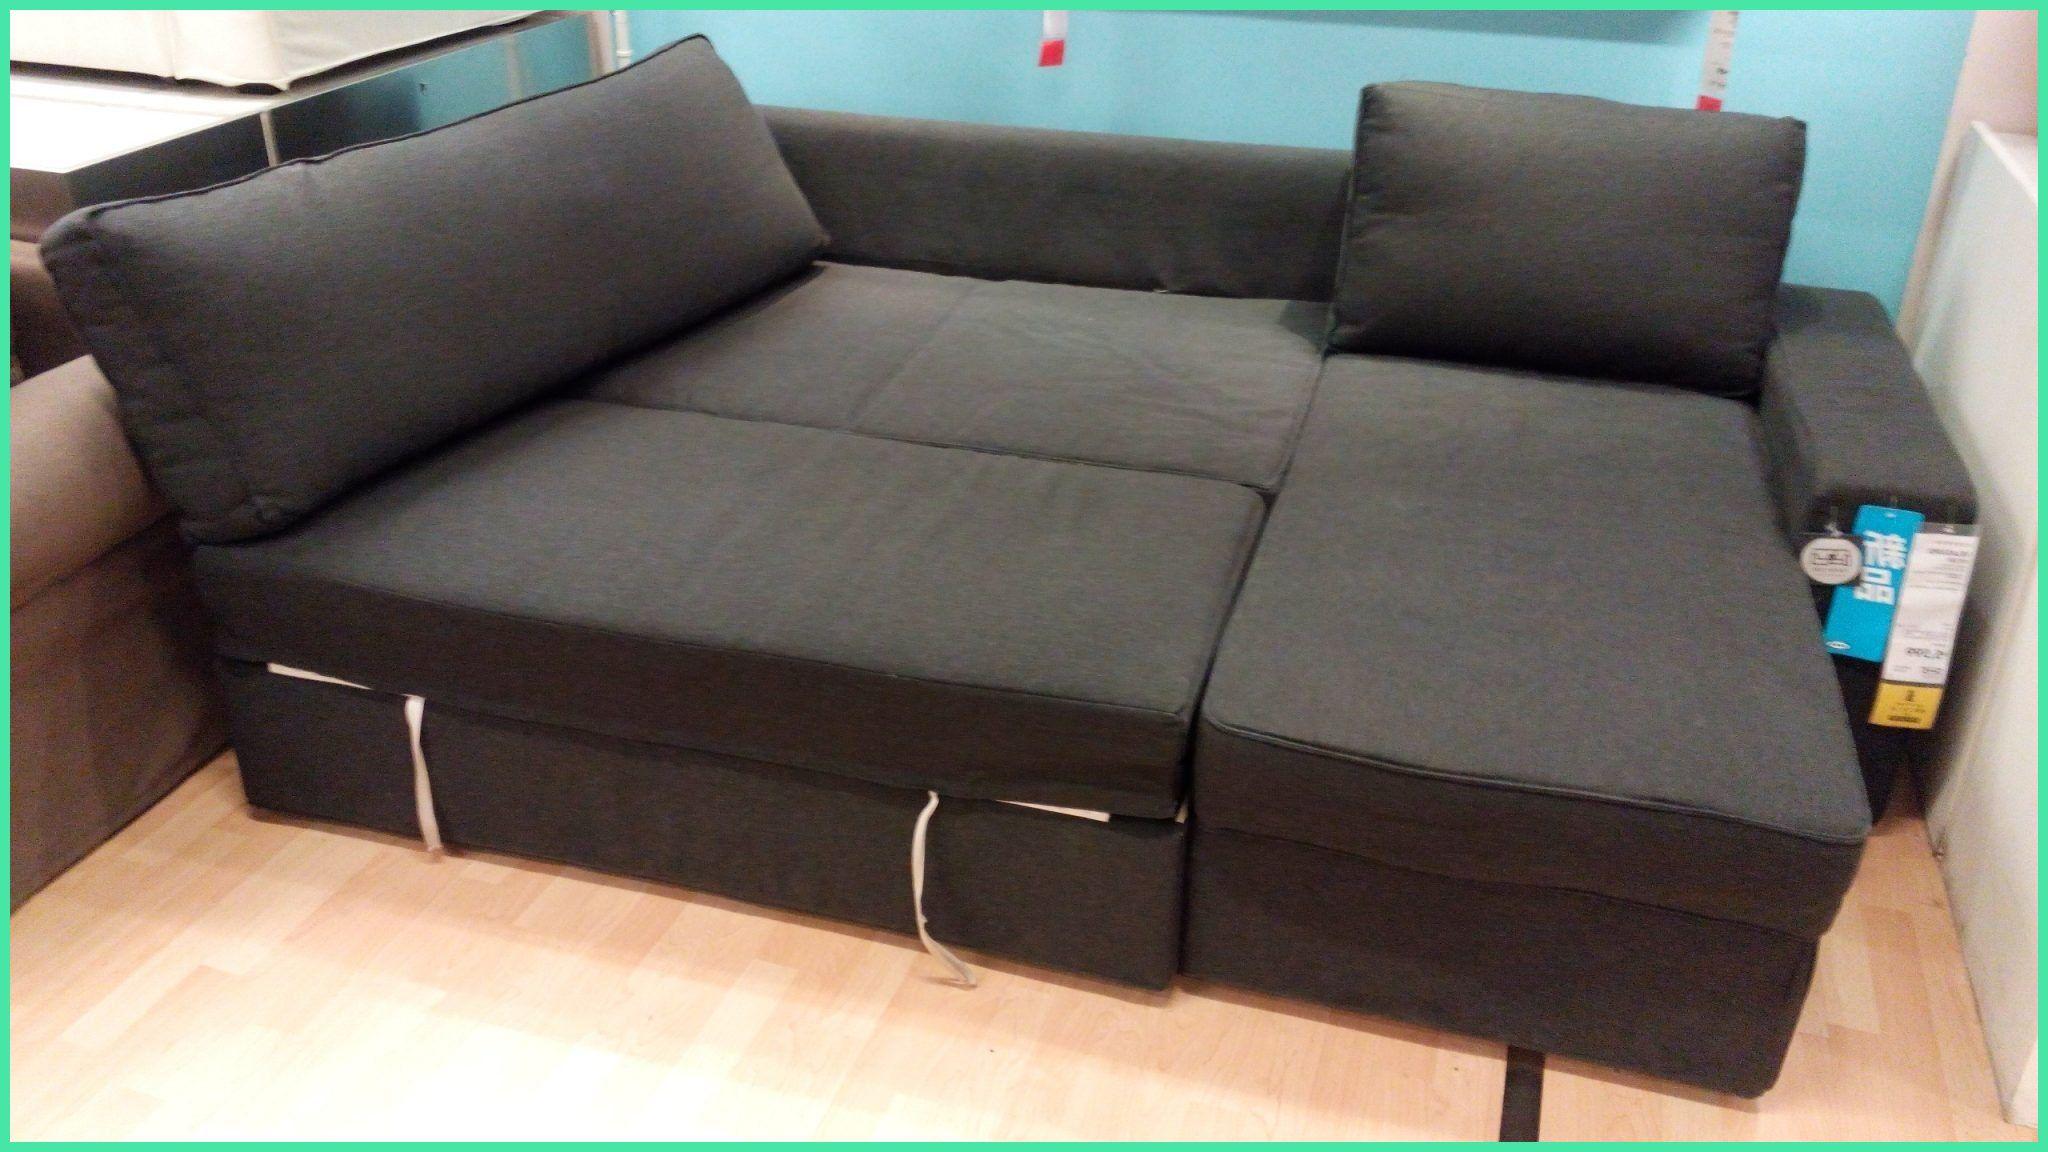 Schlafsofa Uber Eck Luxus Couch Und Bett In Einem Perfect Ikea Backabro Anleitung Vom Er Sofa Fotos Eckbett0d Di 2020